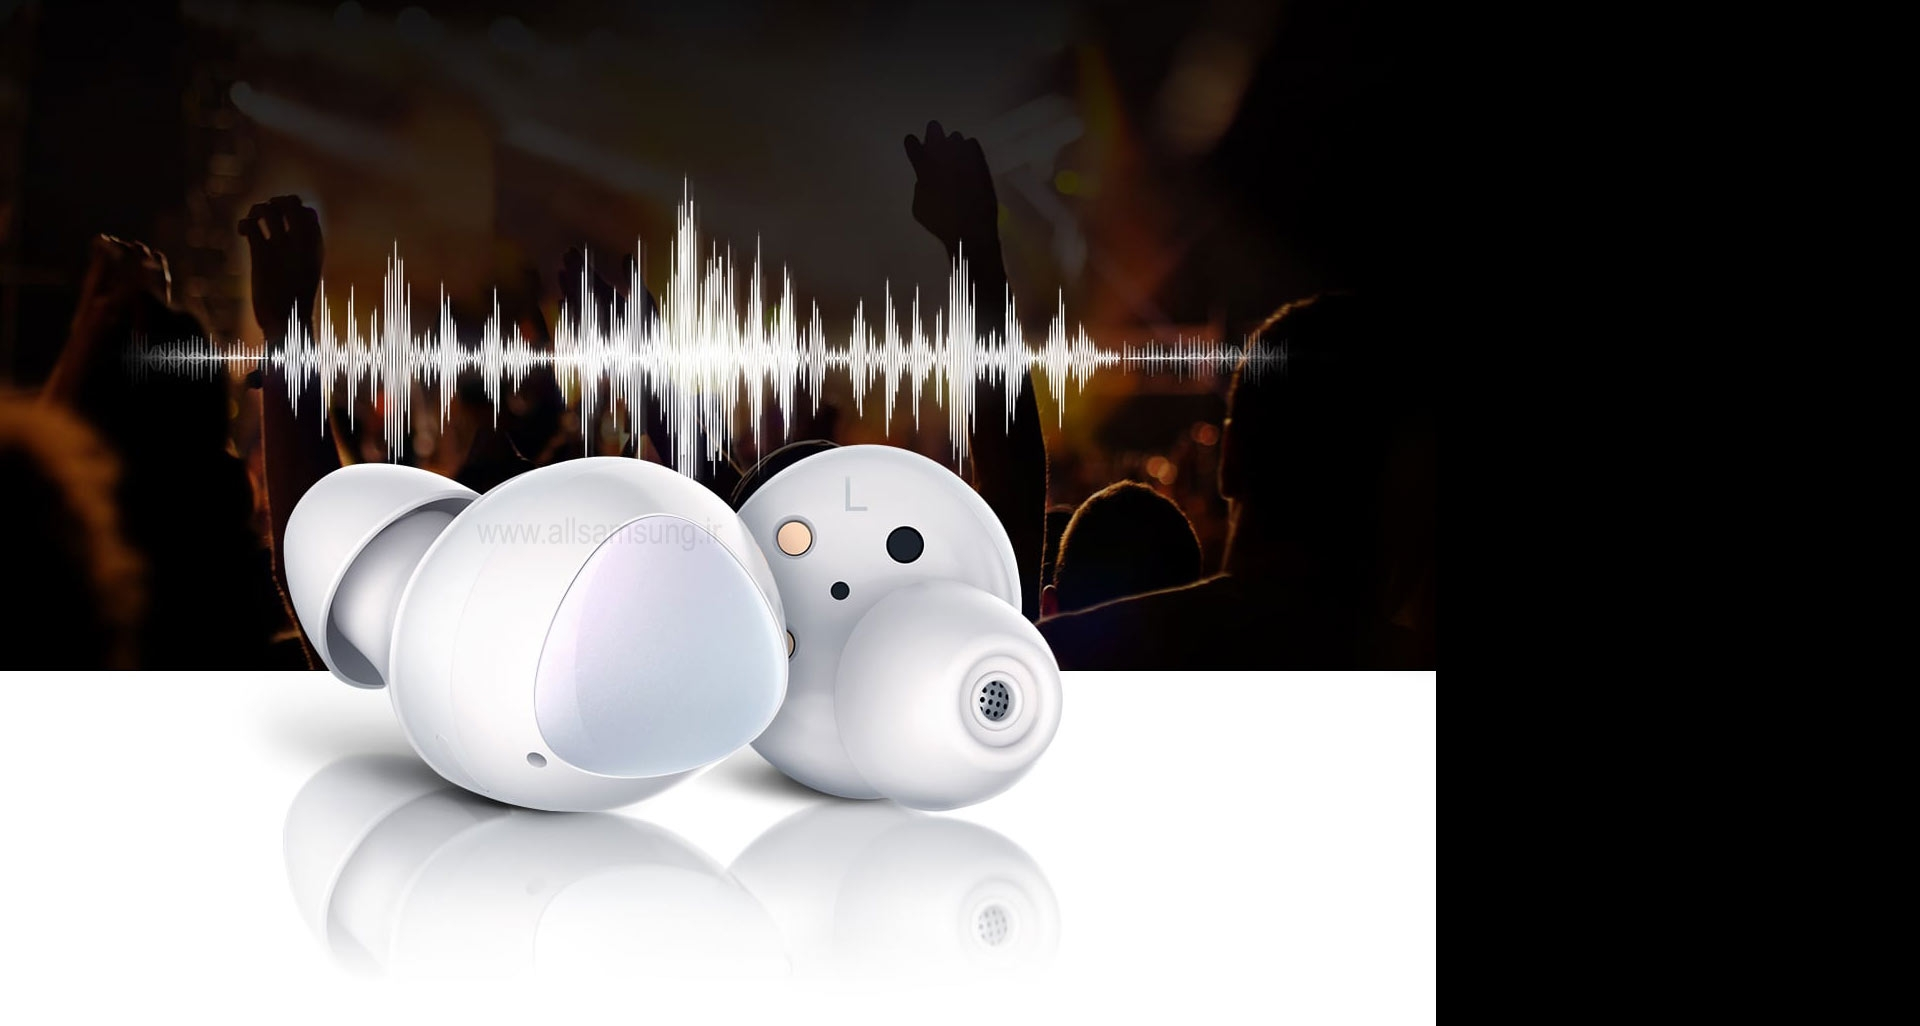 گلکسی بادز با صدایی تمام عیار و مشوق حرکت شما